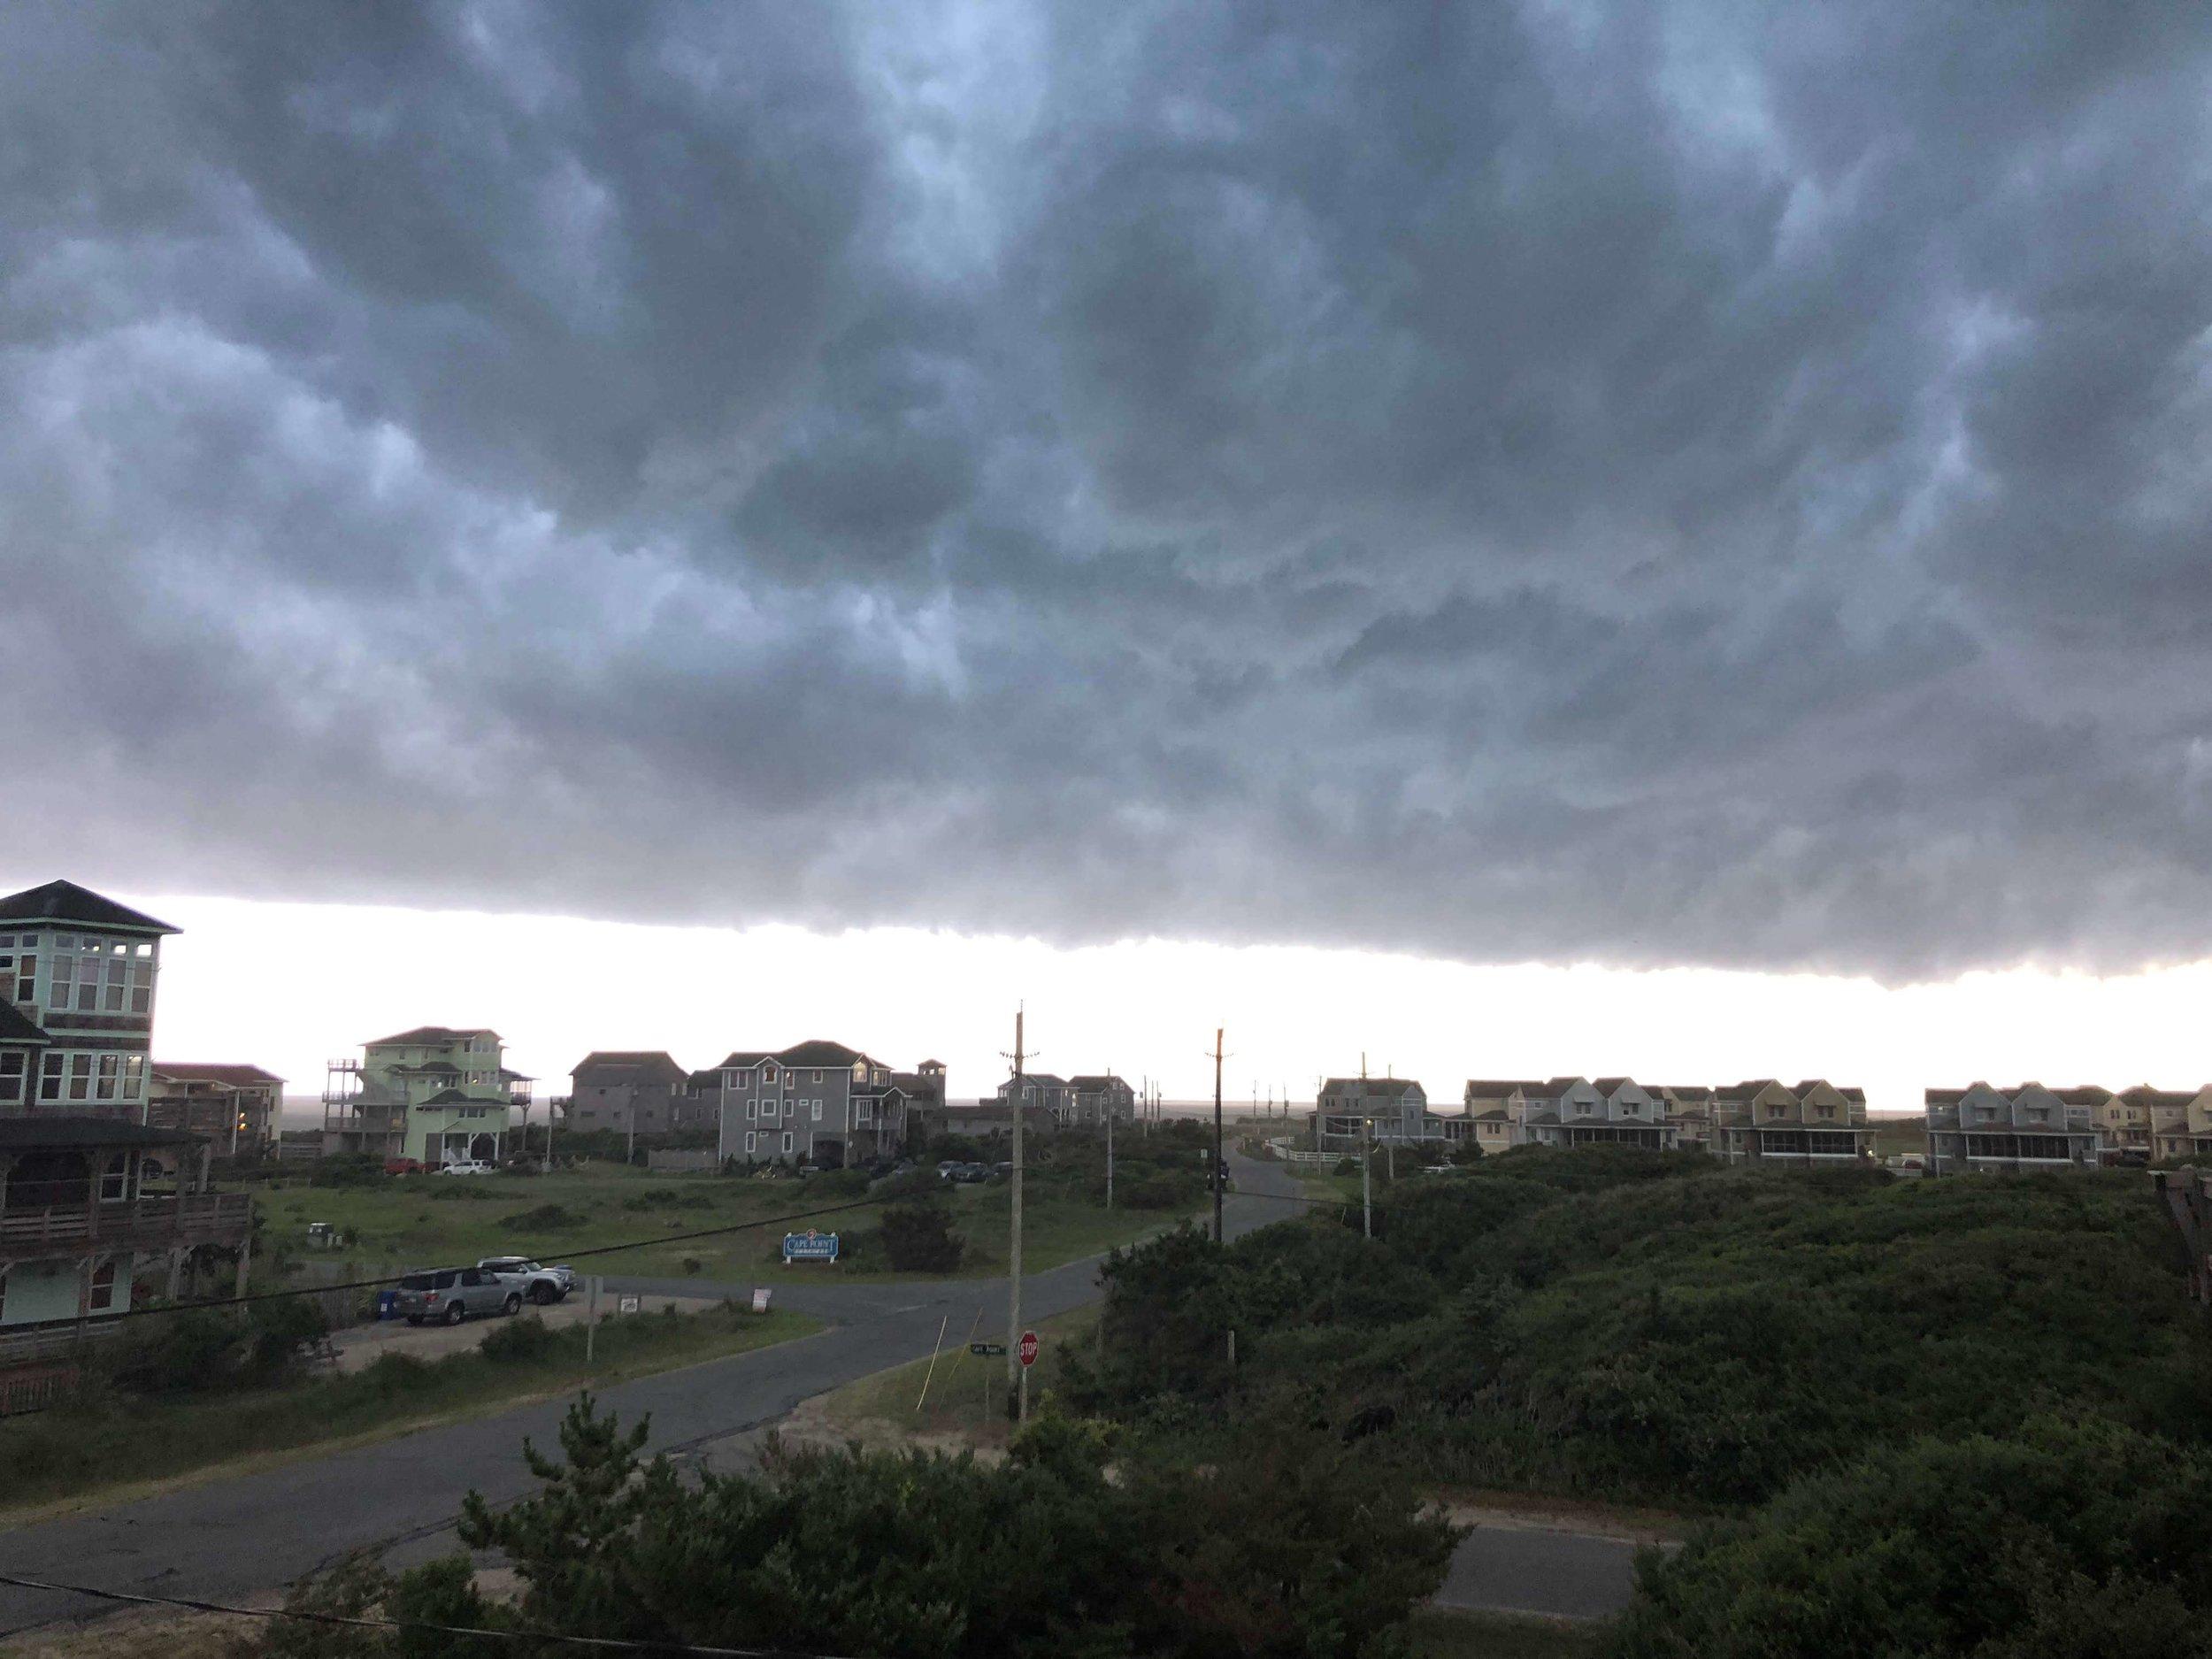 Storm Clouds in OBX